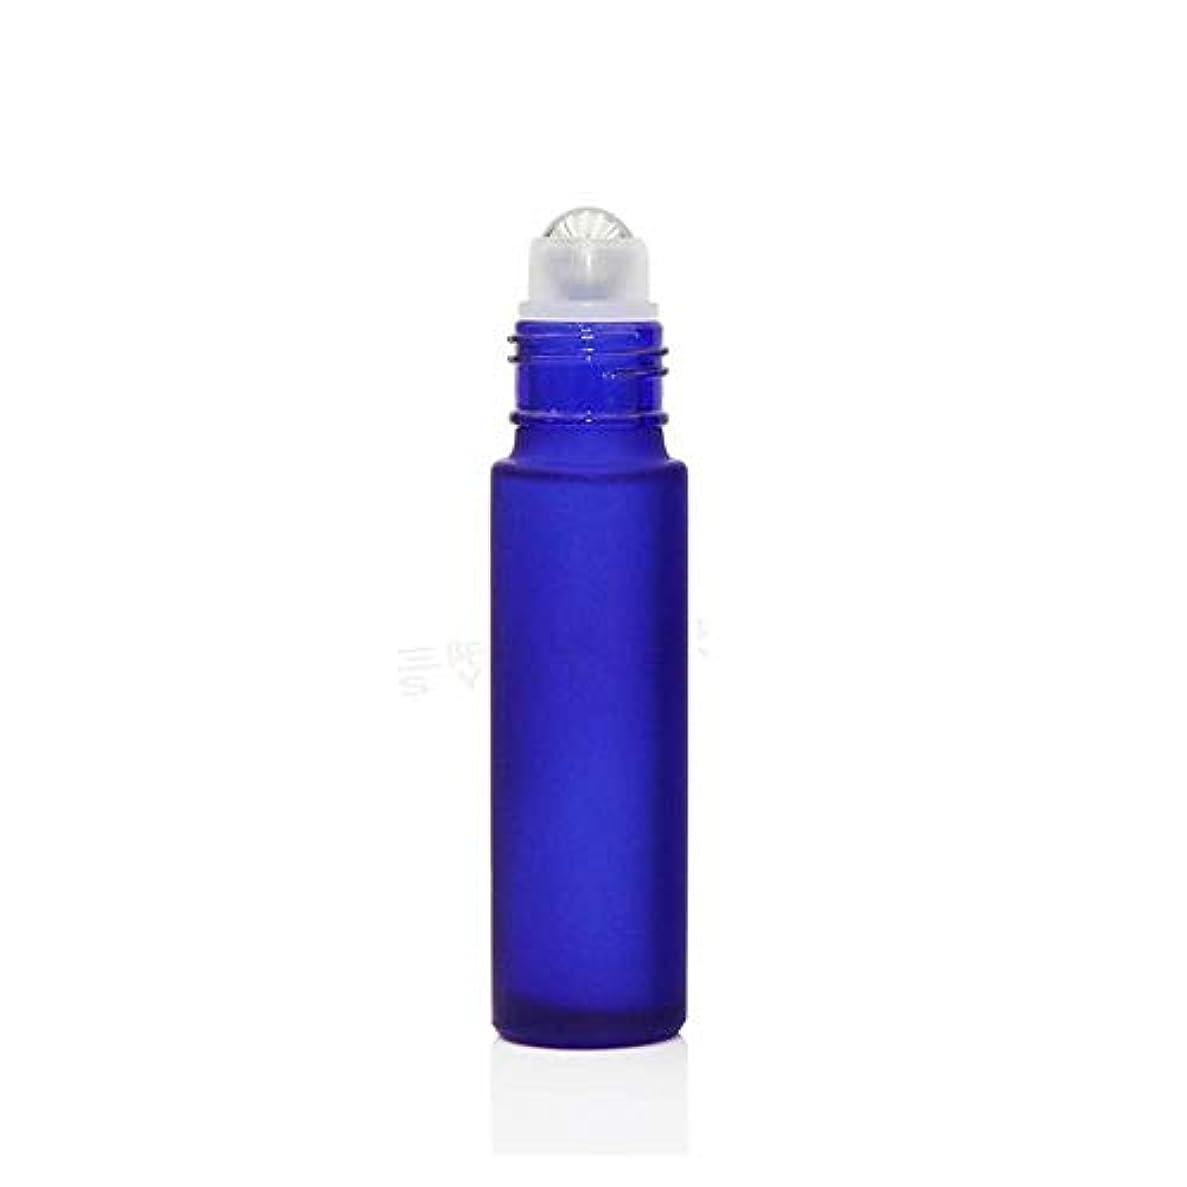 たぶんご近所とティームgundoop ロールオンボトル アロマオイル 精油 小分け用 遮光瓶 10ml 10本セット ガラスロールタイプ (ブルー)